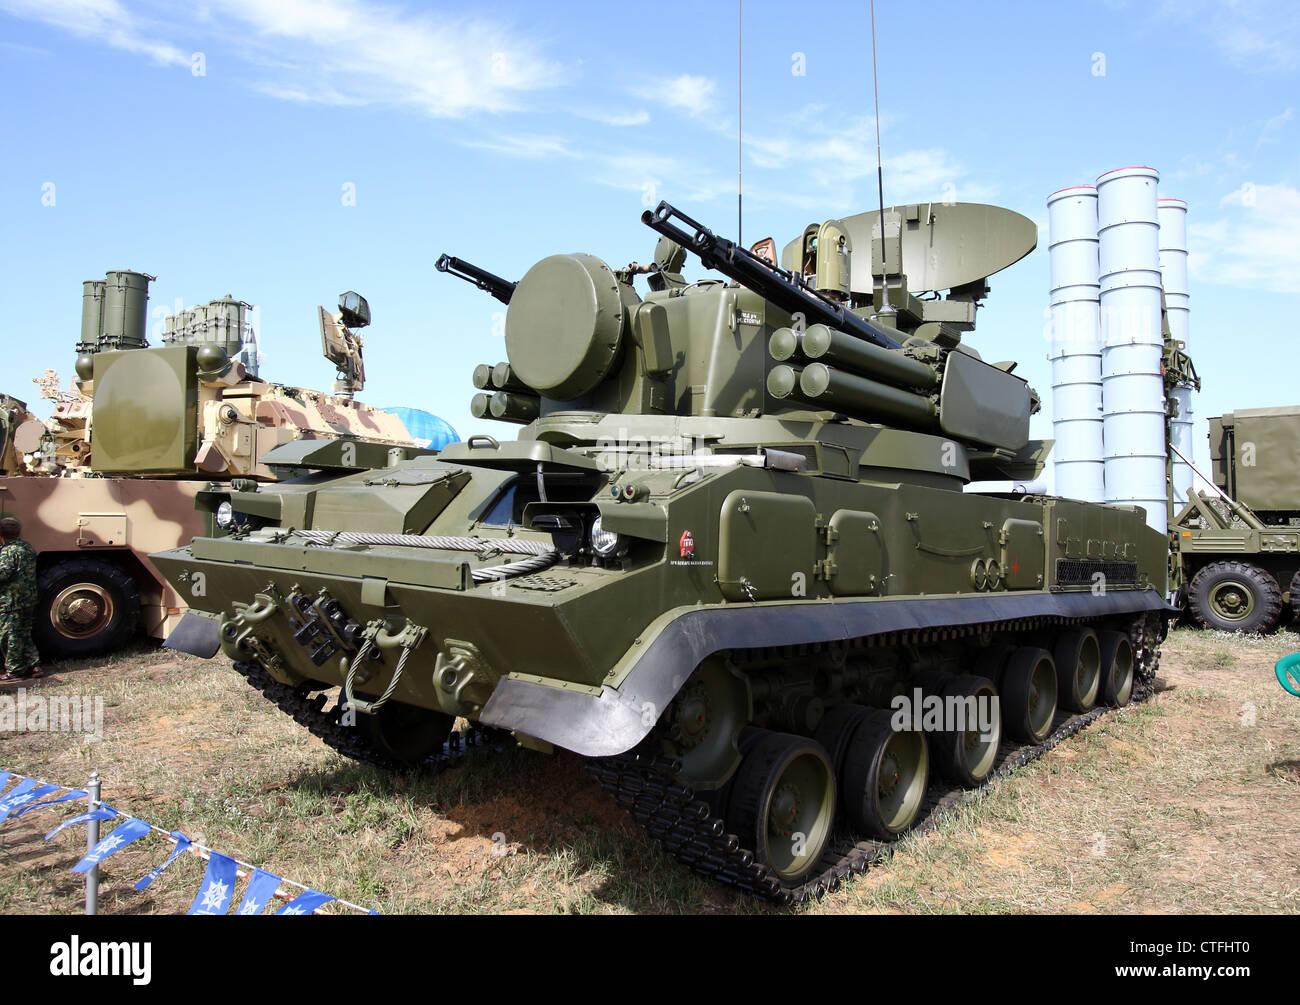 Tracked semovente per anti-arma aeromobili armati con una superficie a pistola ad aria compressa e sistema per missile Immagini Stock